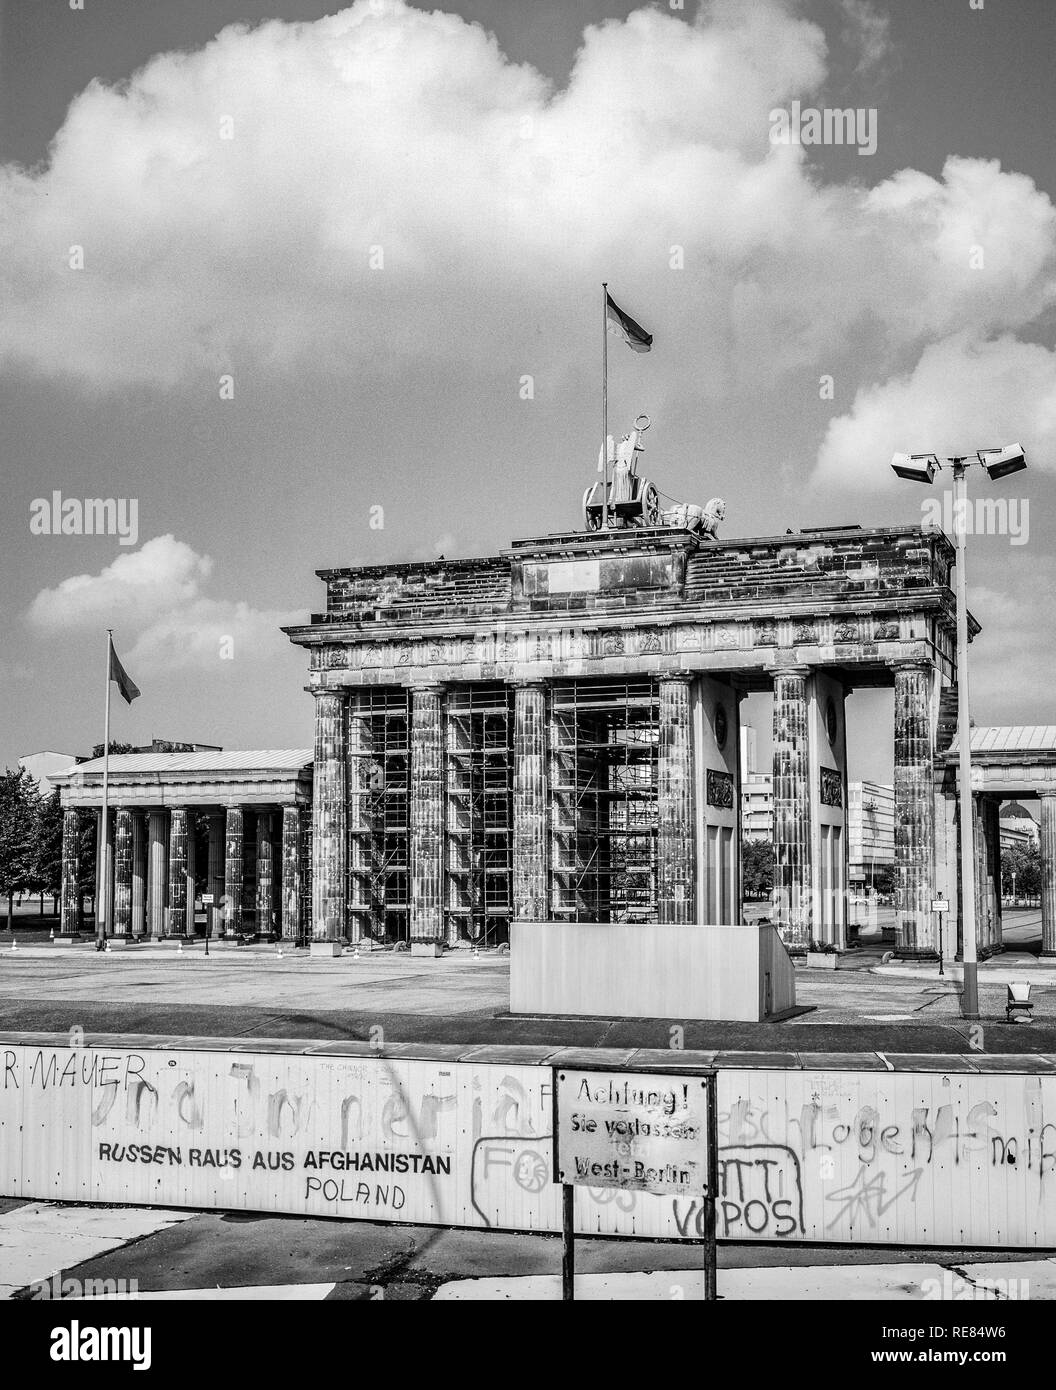 Agosto 1986, il muro di Berlino e Porta di Brandeburgo a Berlino Est, Ovest lato di Berlino, Germania, Europa Immagini Stock